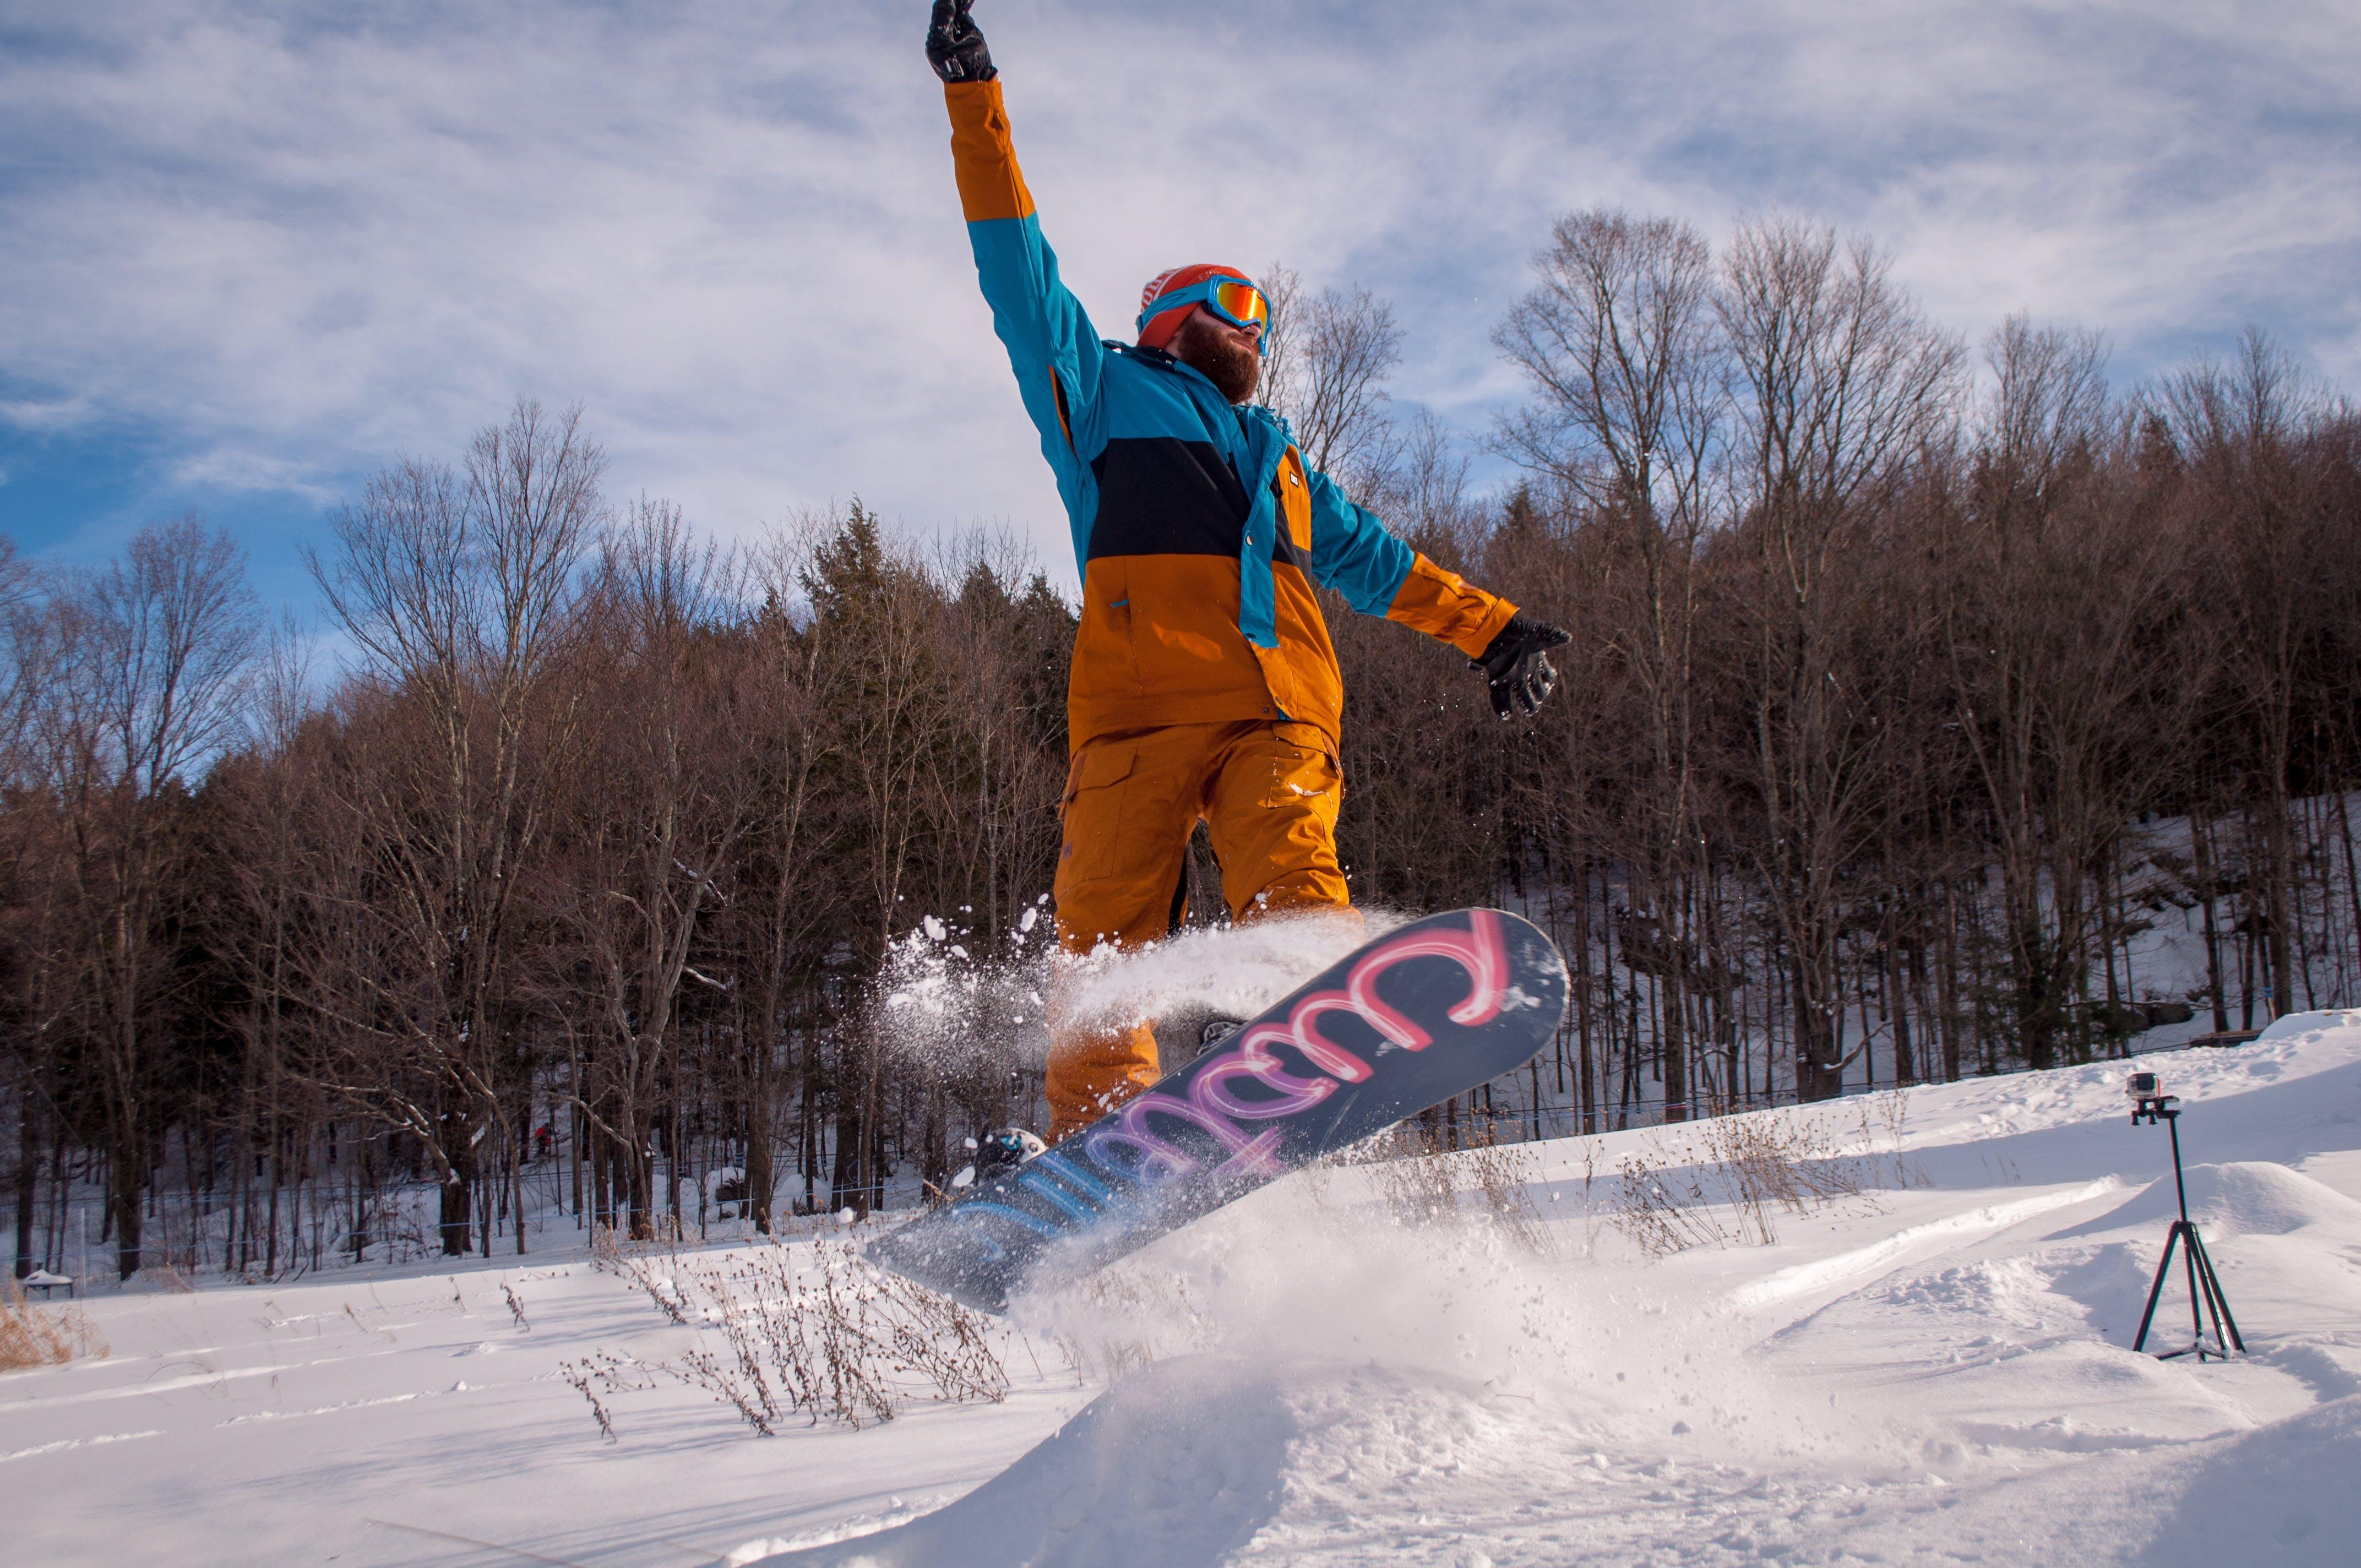 Free stock photo of adventure, board, burton, cold